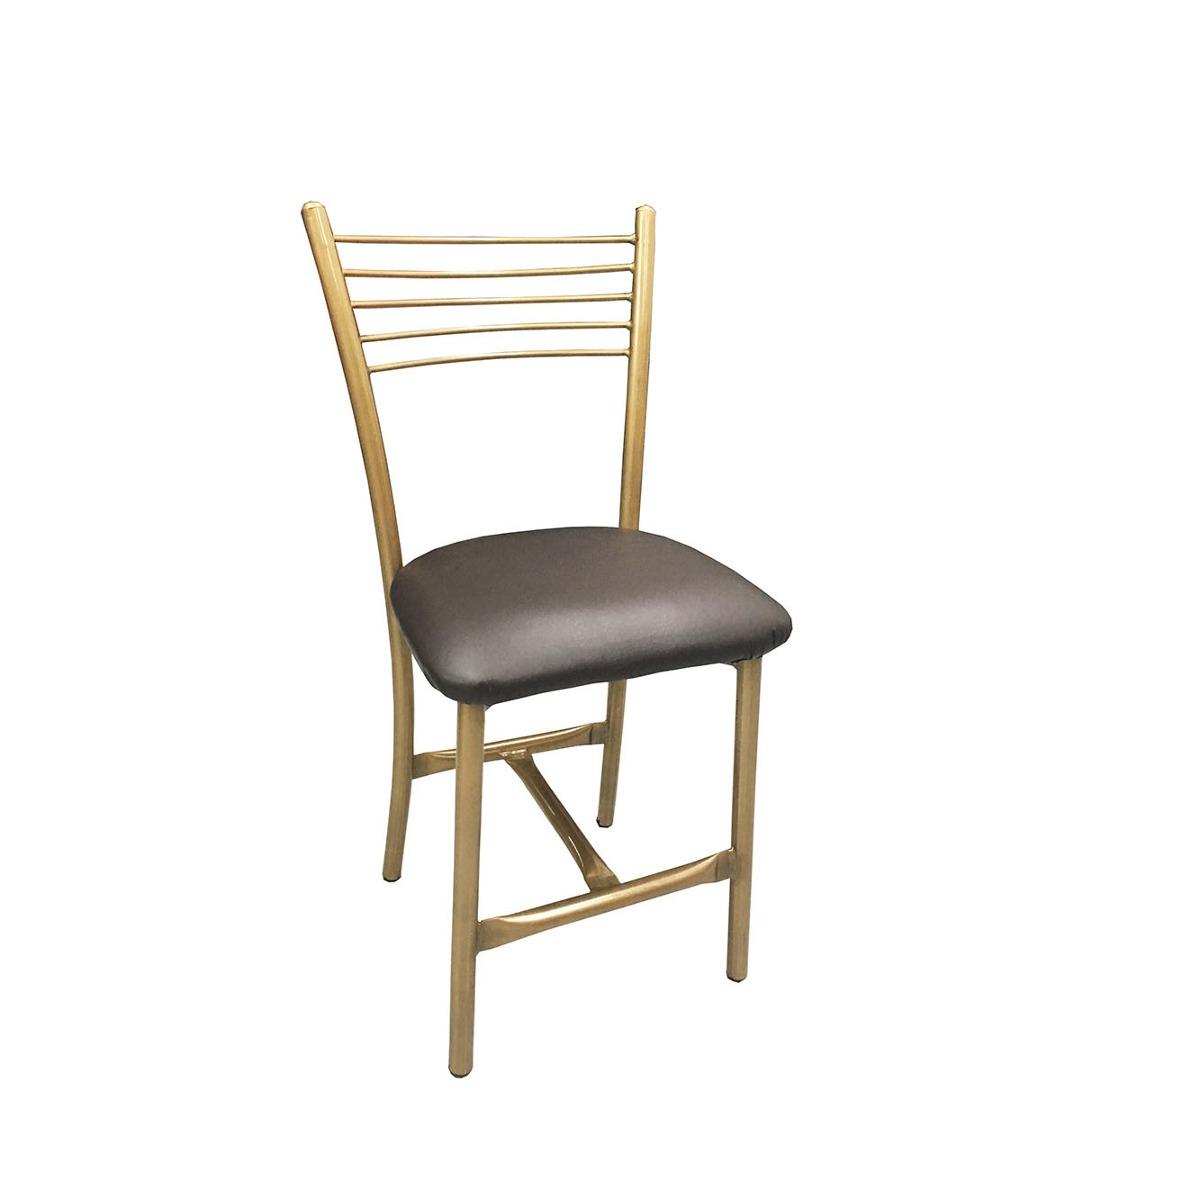 Mesas y sillas para restaurante cafeteria vintage industrial en mercado libre - Sillas para cafeteria ...